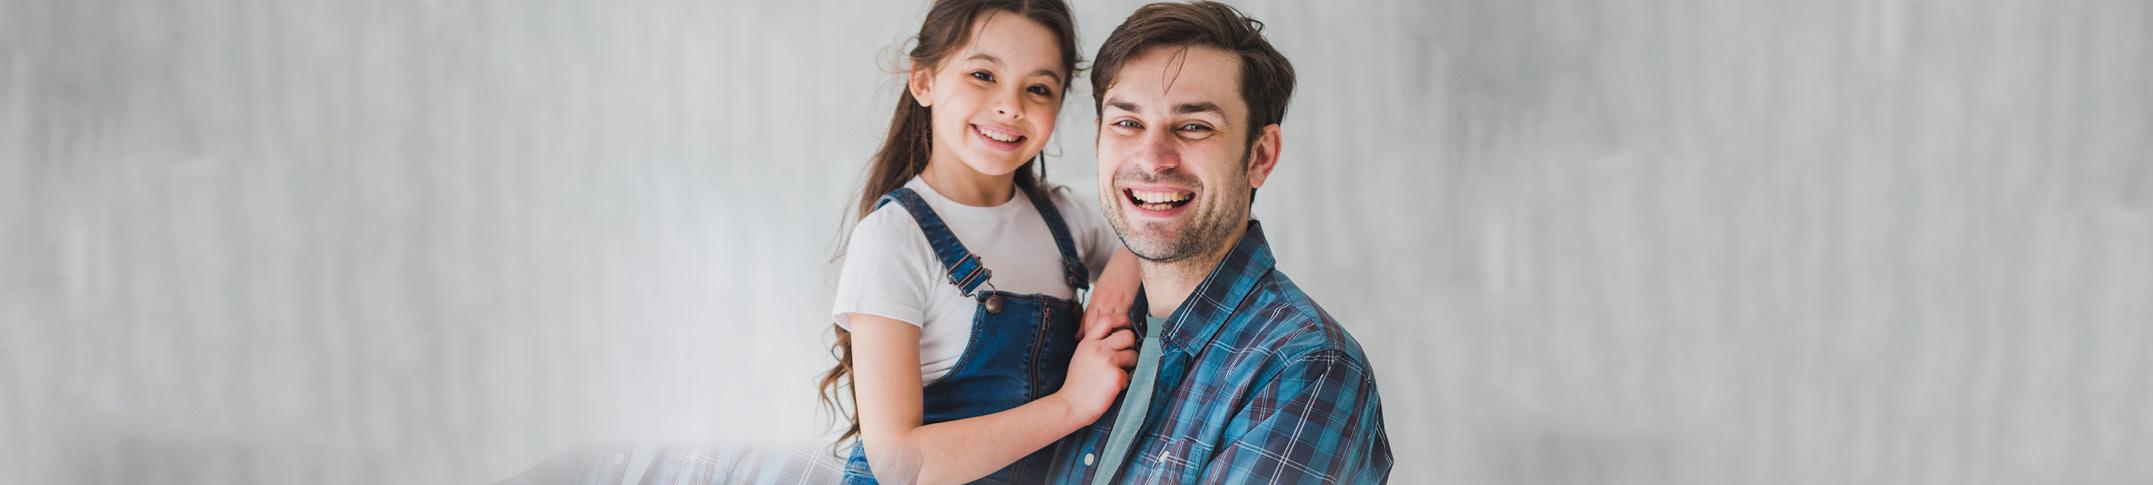 cadeau fête des pères personnalisé